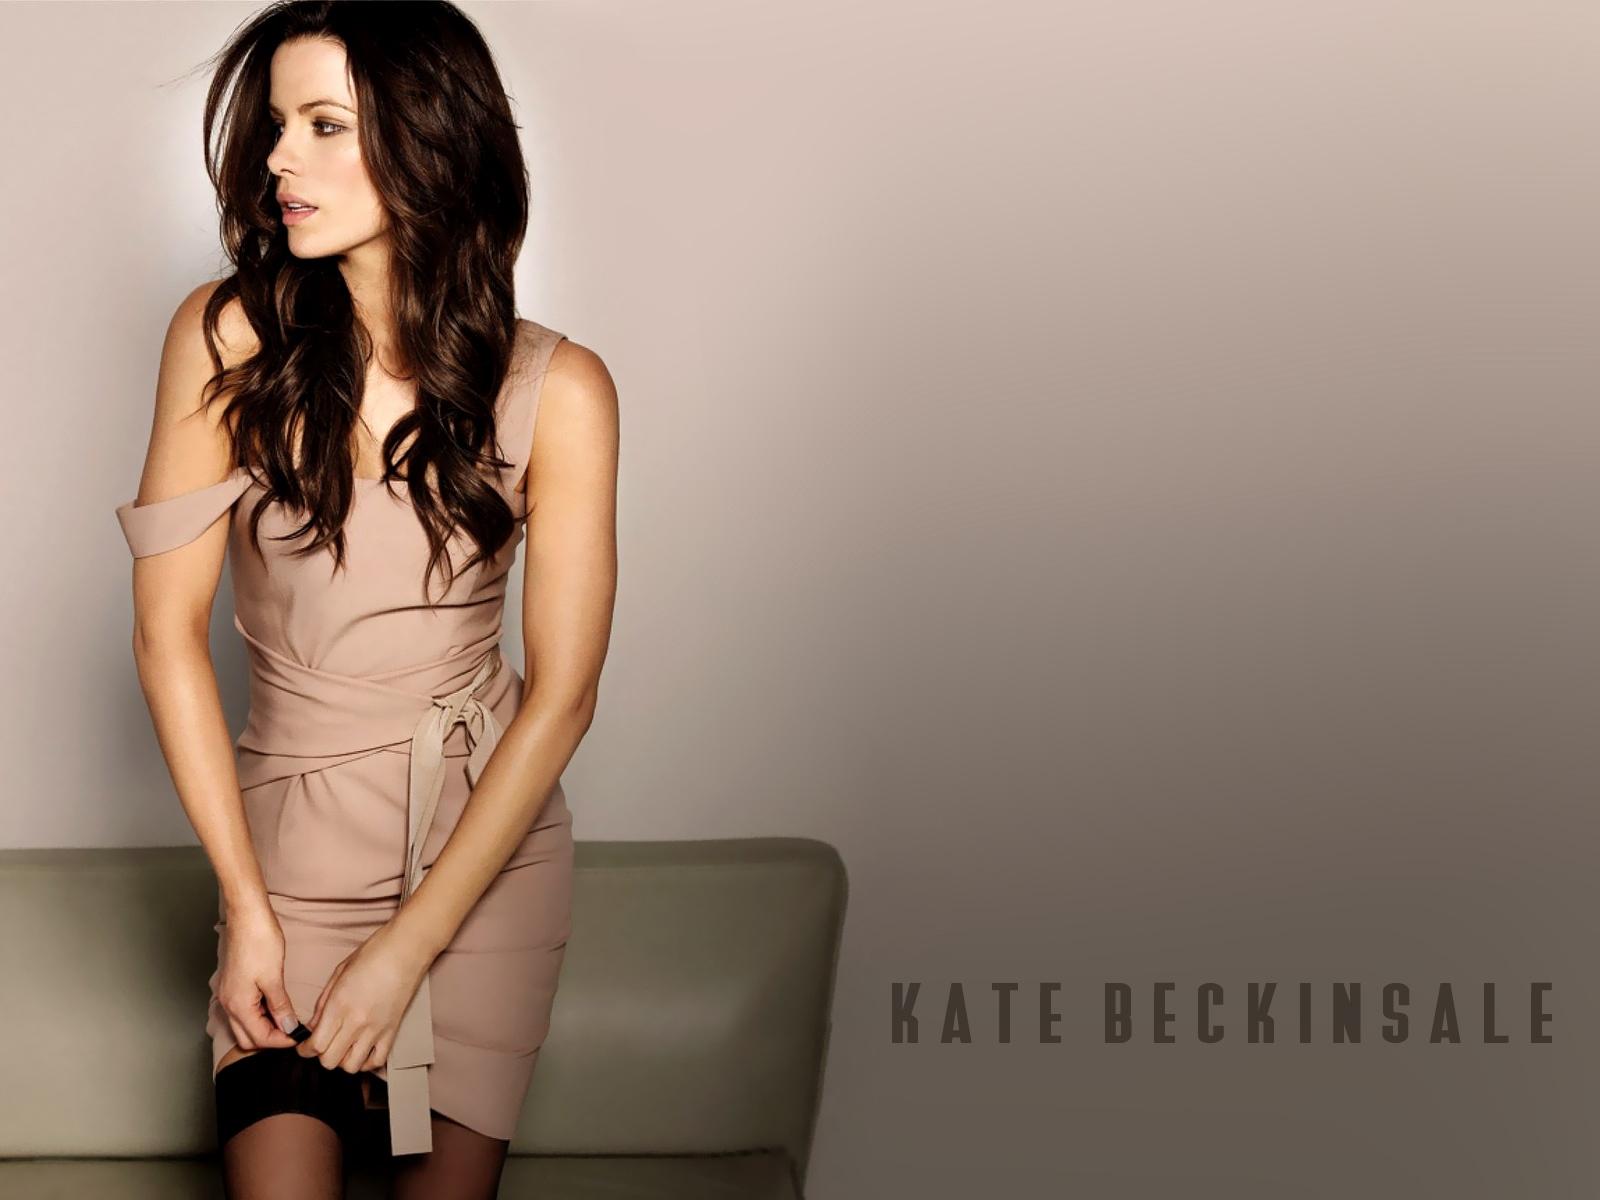 Fondos De Pantalla Kate Beckinsale Celebridad Descargar Imagenes